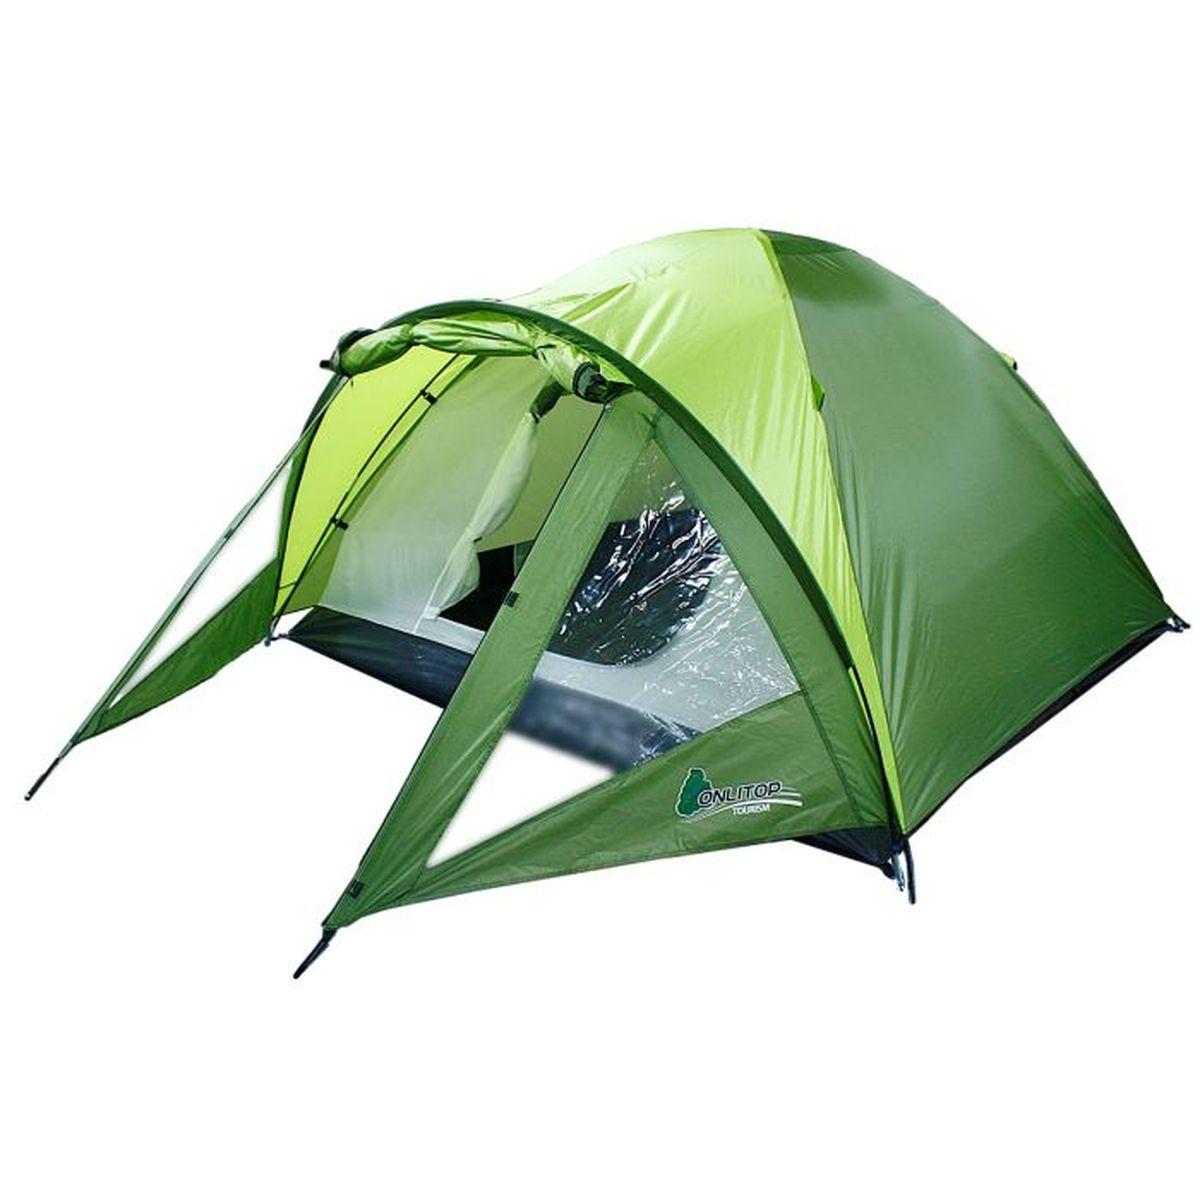 Палатка туристическая Onlitop Jovin, 2-местная, цвет: зеленый776302Если вы заядлый турист или просто любитель природы, вы хоть раз задумывались о ночевке на свежем воздухе. Чтобы провести ее с комфортом, вам понадобится палатка Onlitop Jovin. Она обеспечит безопасный досуг и защитит от непогоды и насекомых. Ткань рипстоп гарантирует длительную эксплуатацию палатки за счет высокой прочности материала.Конструкция палатки: - 1 вход в палатку; - 1 тамбур для хранения вещей, оснащен двумя боковыми окнами.Внутреннее оснащение: - москитная сетка на входе; - 1 вентиляционное окно; - 2 кармана для хранения вещей.Размер палатки: 280 x 160 x 120 см (1 тамбур, 70 см + комната, 210 см).Что взять с собой в поход?. Статья OZON Гид